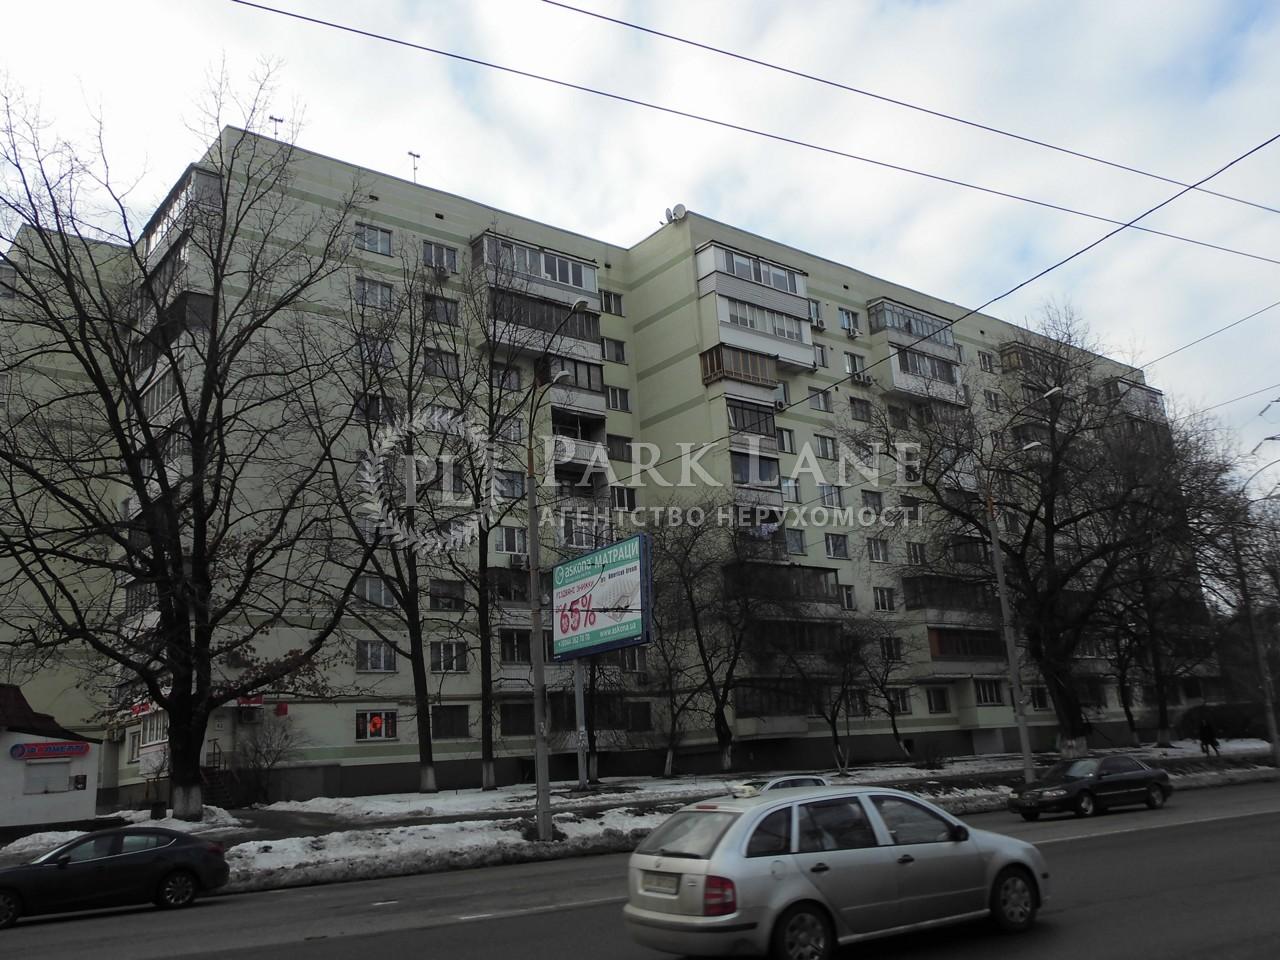 Нежитлове приміщення, вул. Солом'янська, Київ, J-27125 - Фото 28